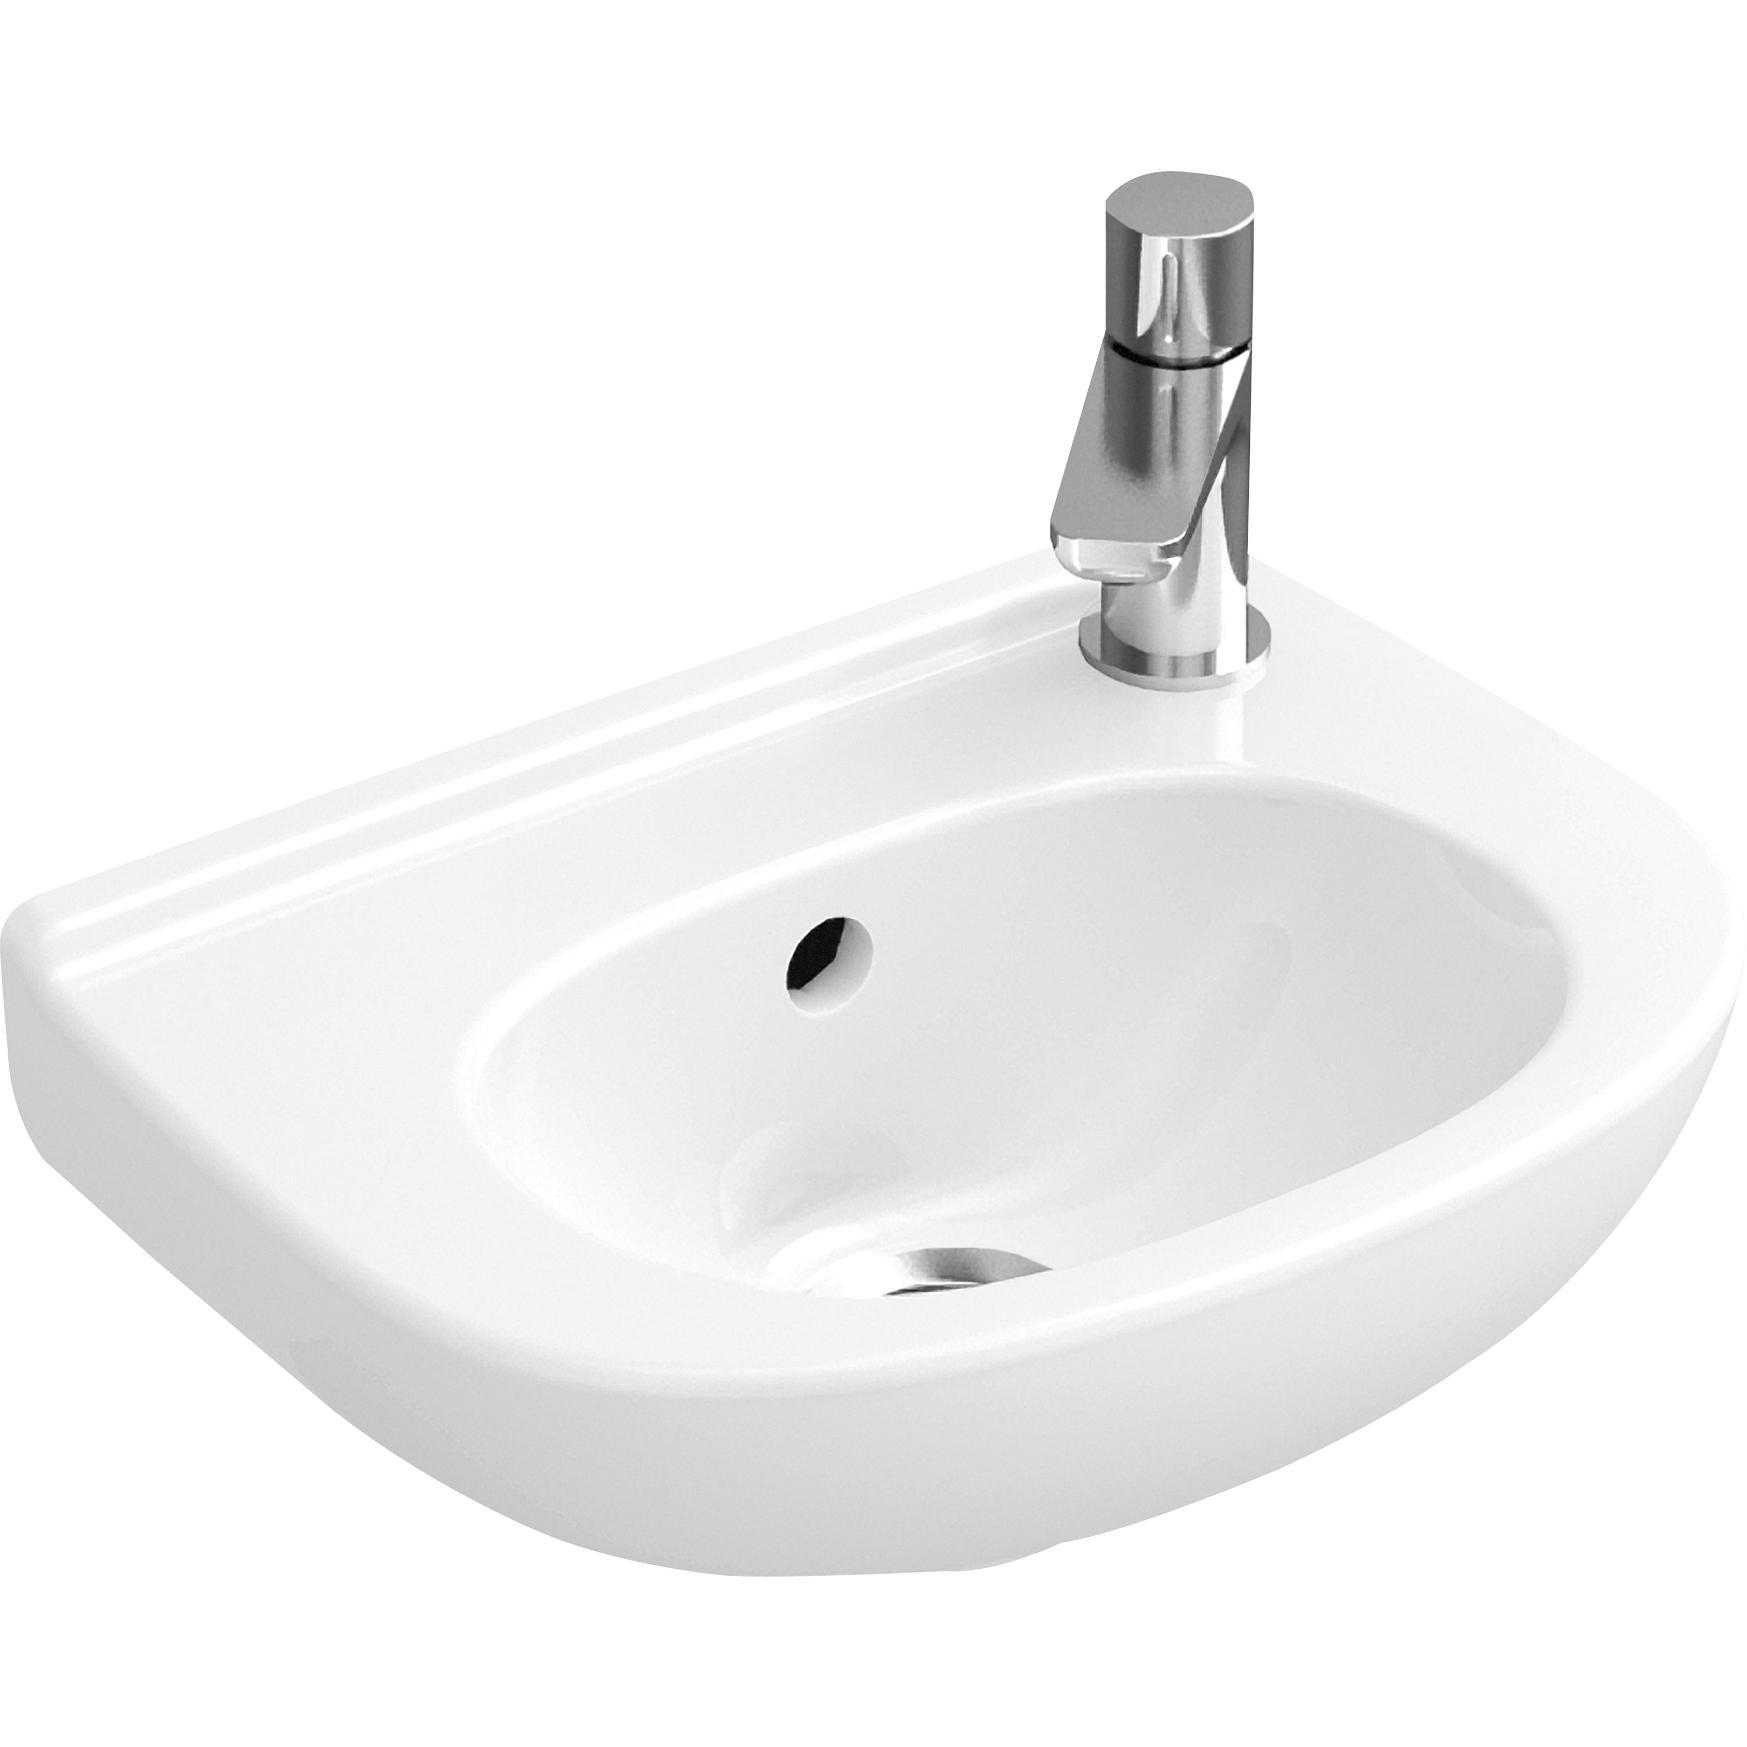 Tvättställ Villeroy & Boch O.novo Kompakt 550 mm